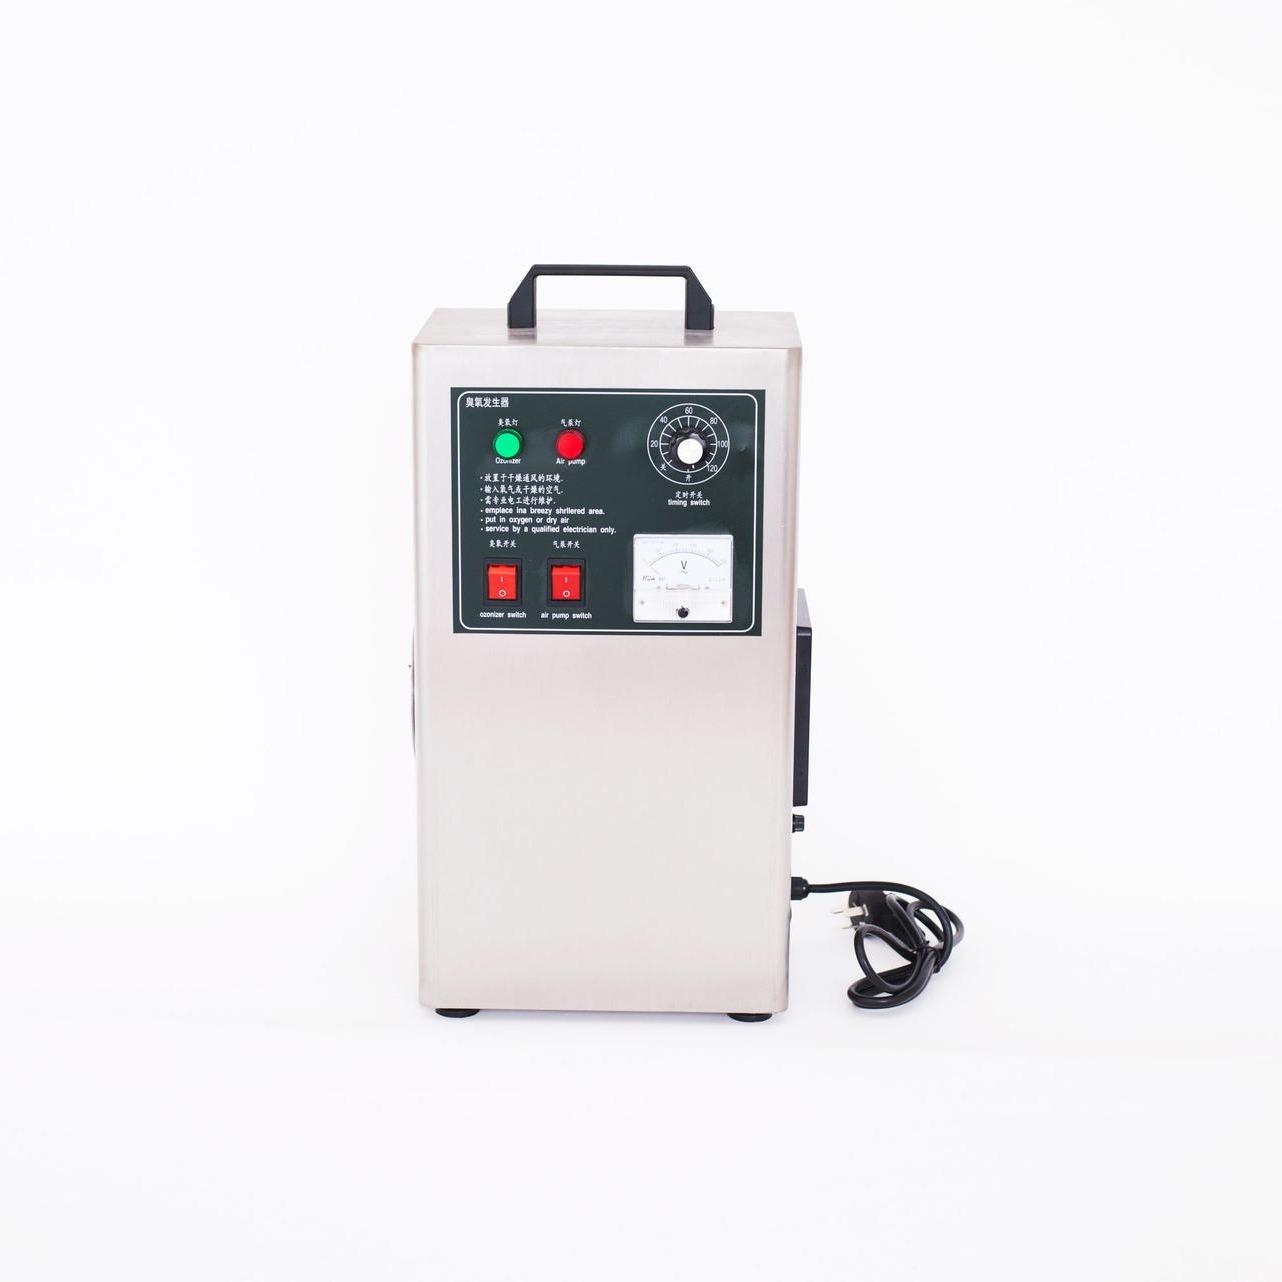 安徽臭氧发生器批发电话 臭氧发生器 便携式臭氧发生器